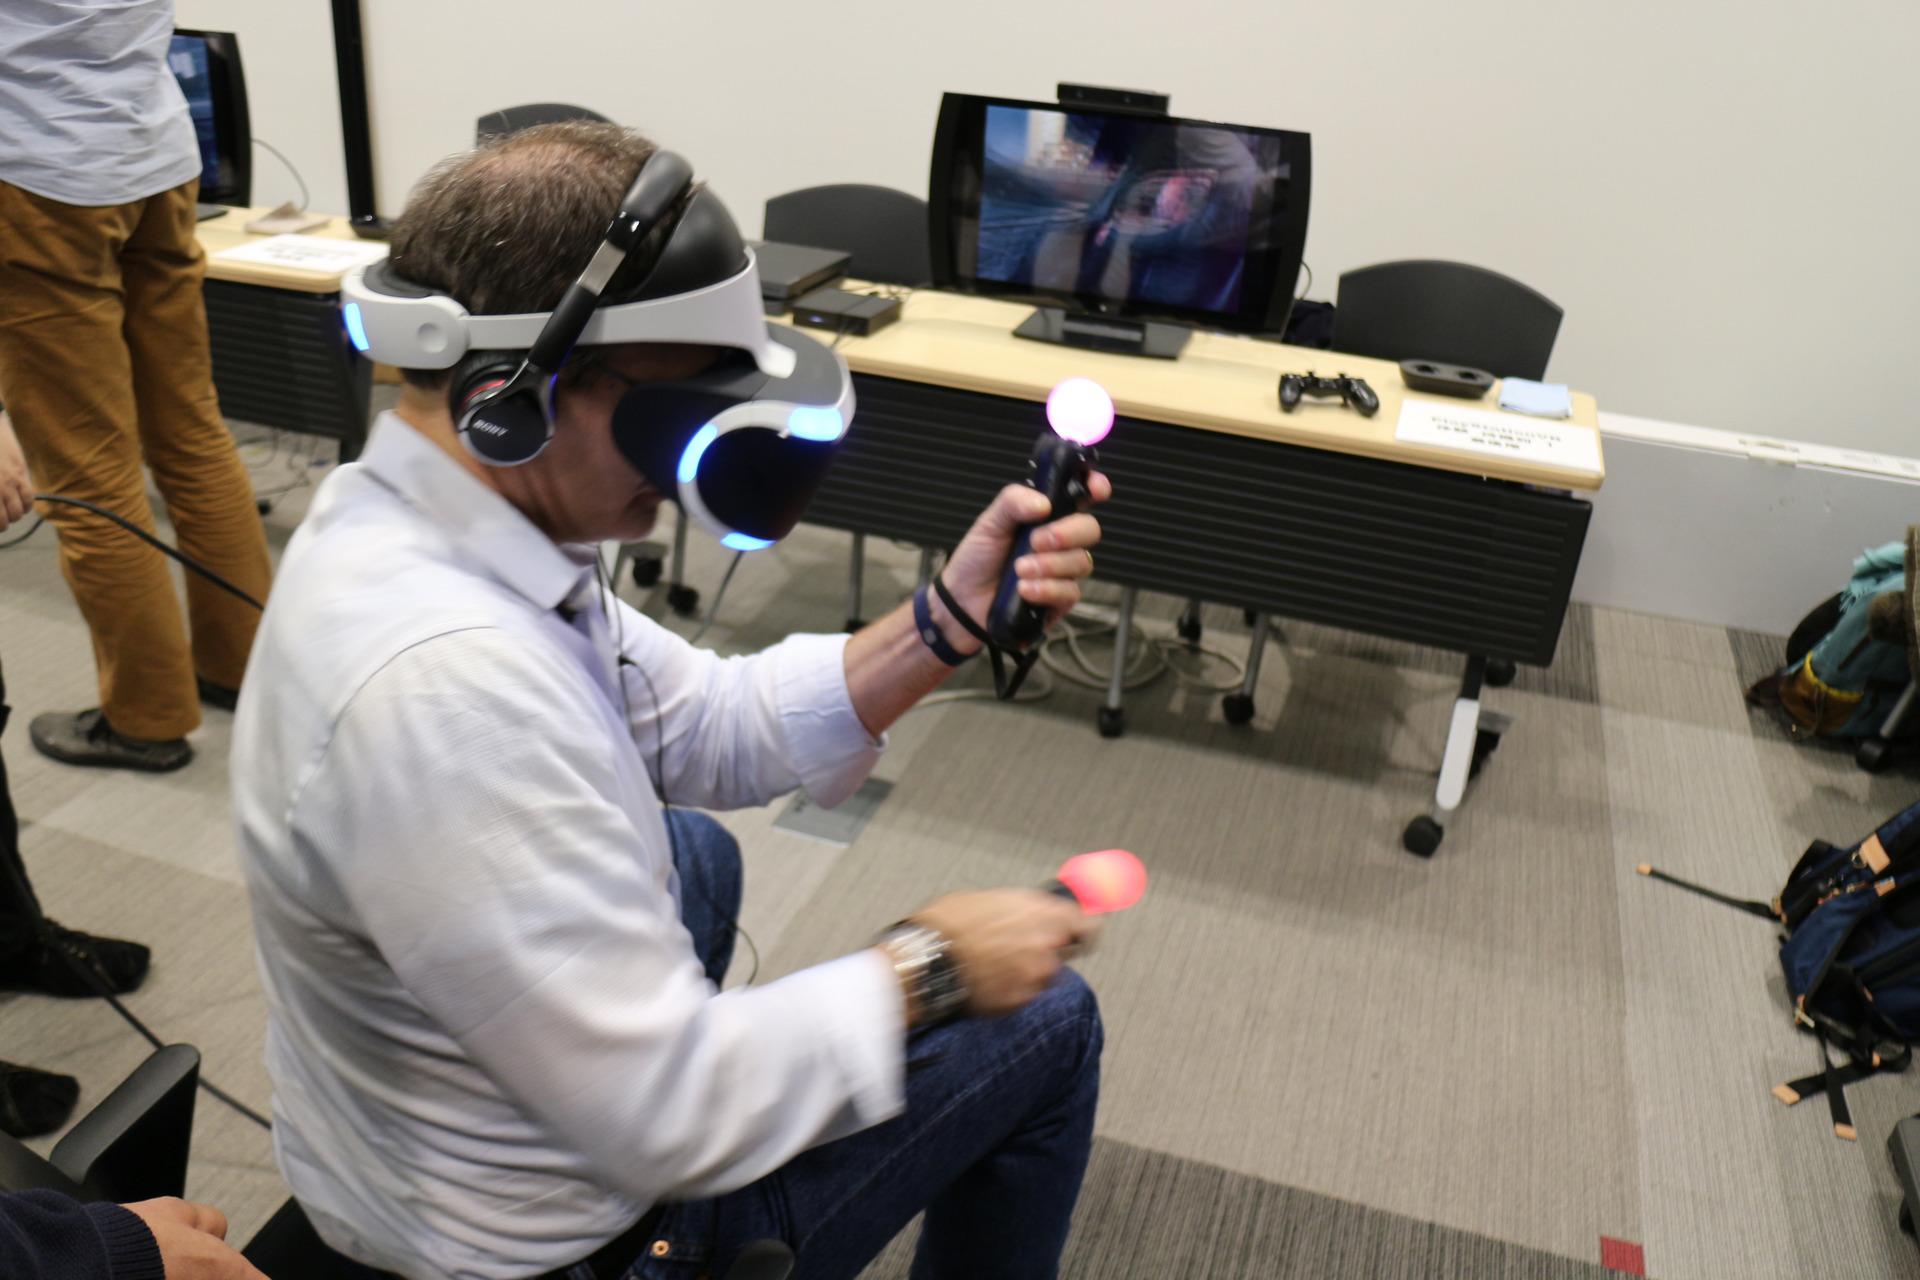 併設された体験コーナーでは、PlayStation VR「The London Heist」等のVR体験デモも行なわれていた